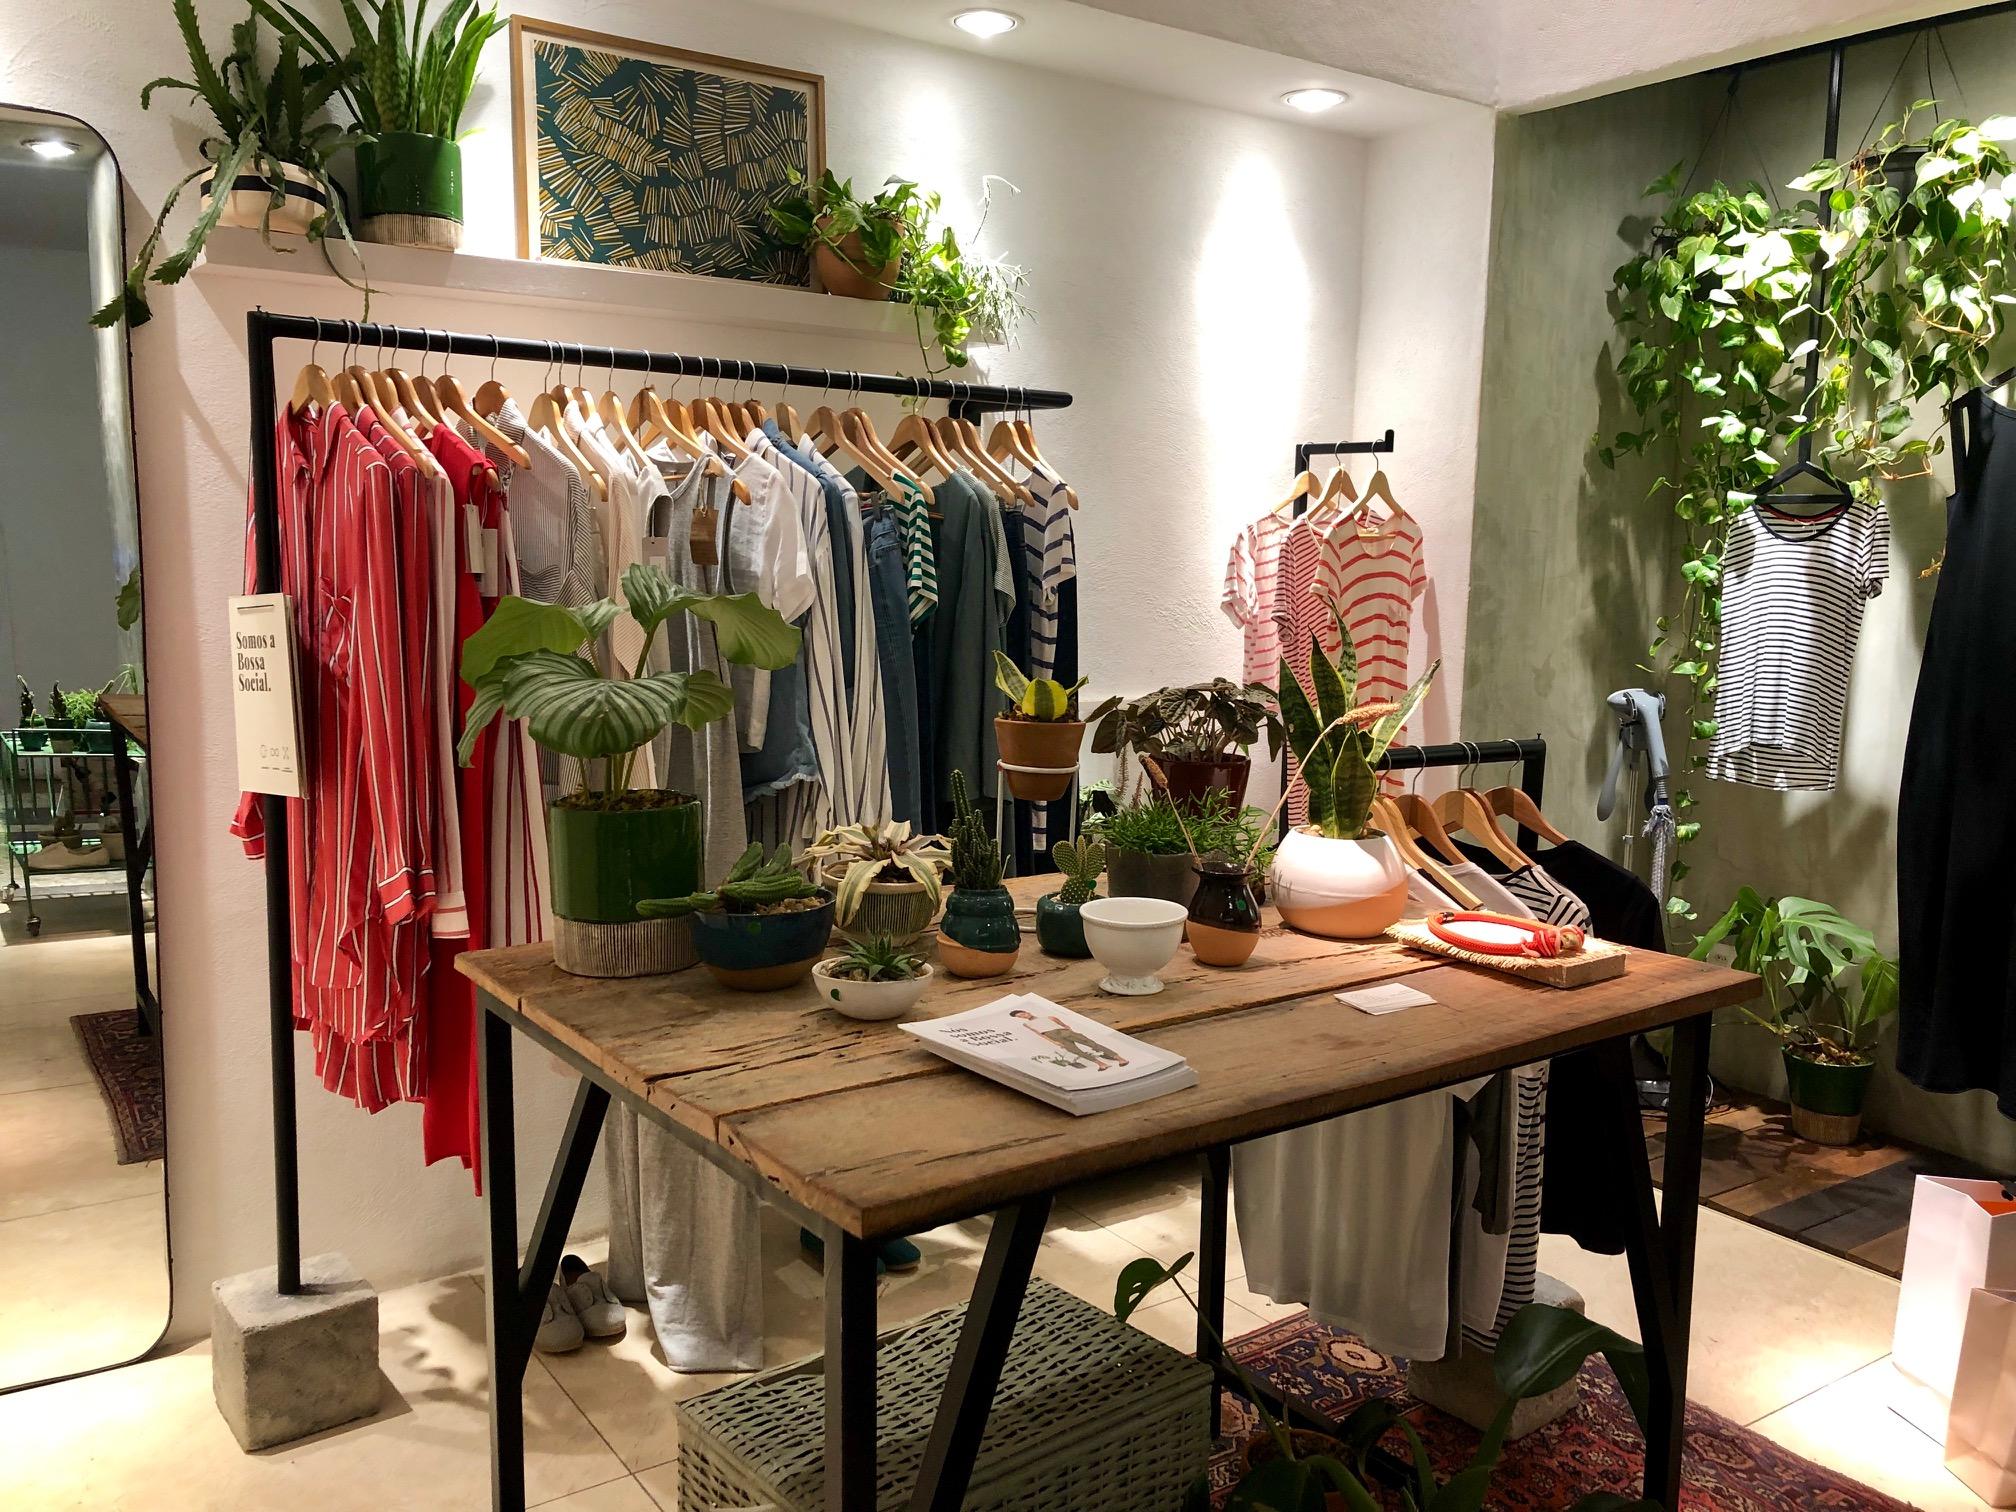 e8a8d7326b9e Crivorot Scigliano Top 10 coolest stores and brands in Rio de ...